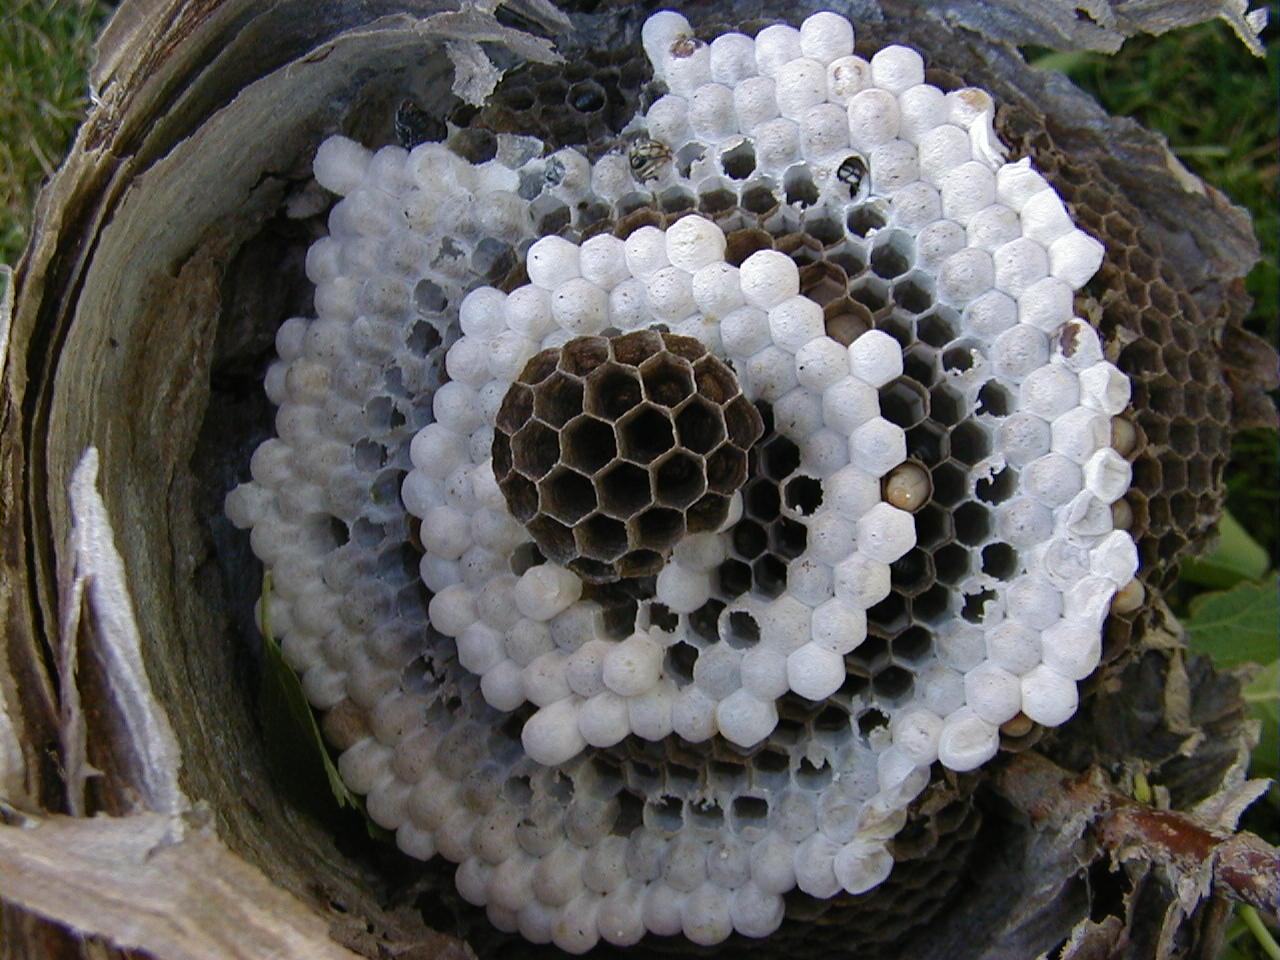 Inside nest